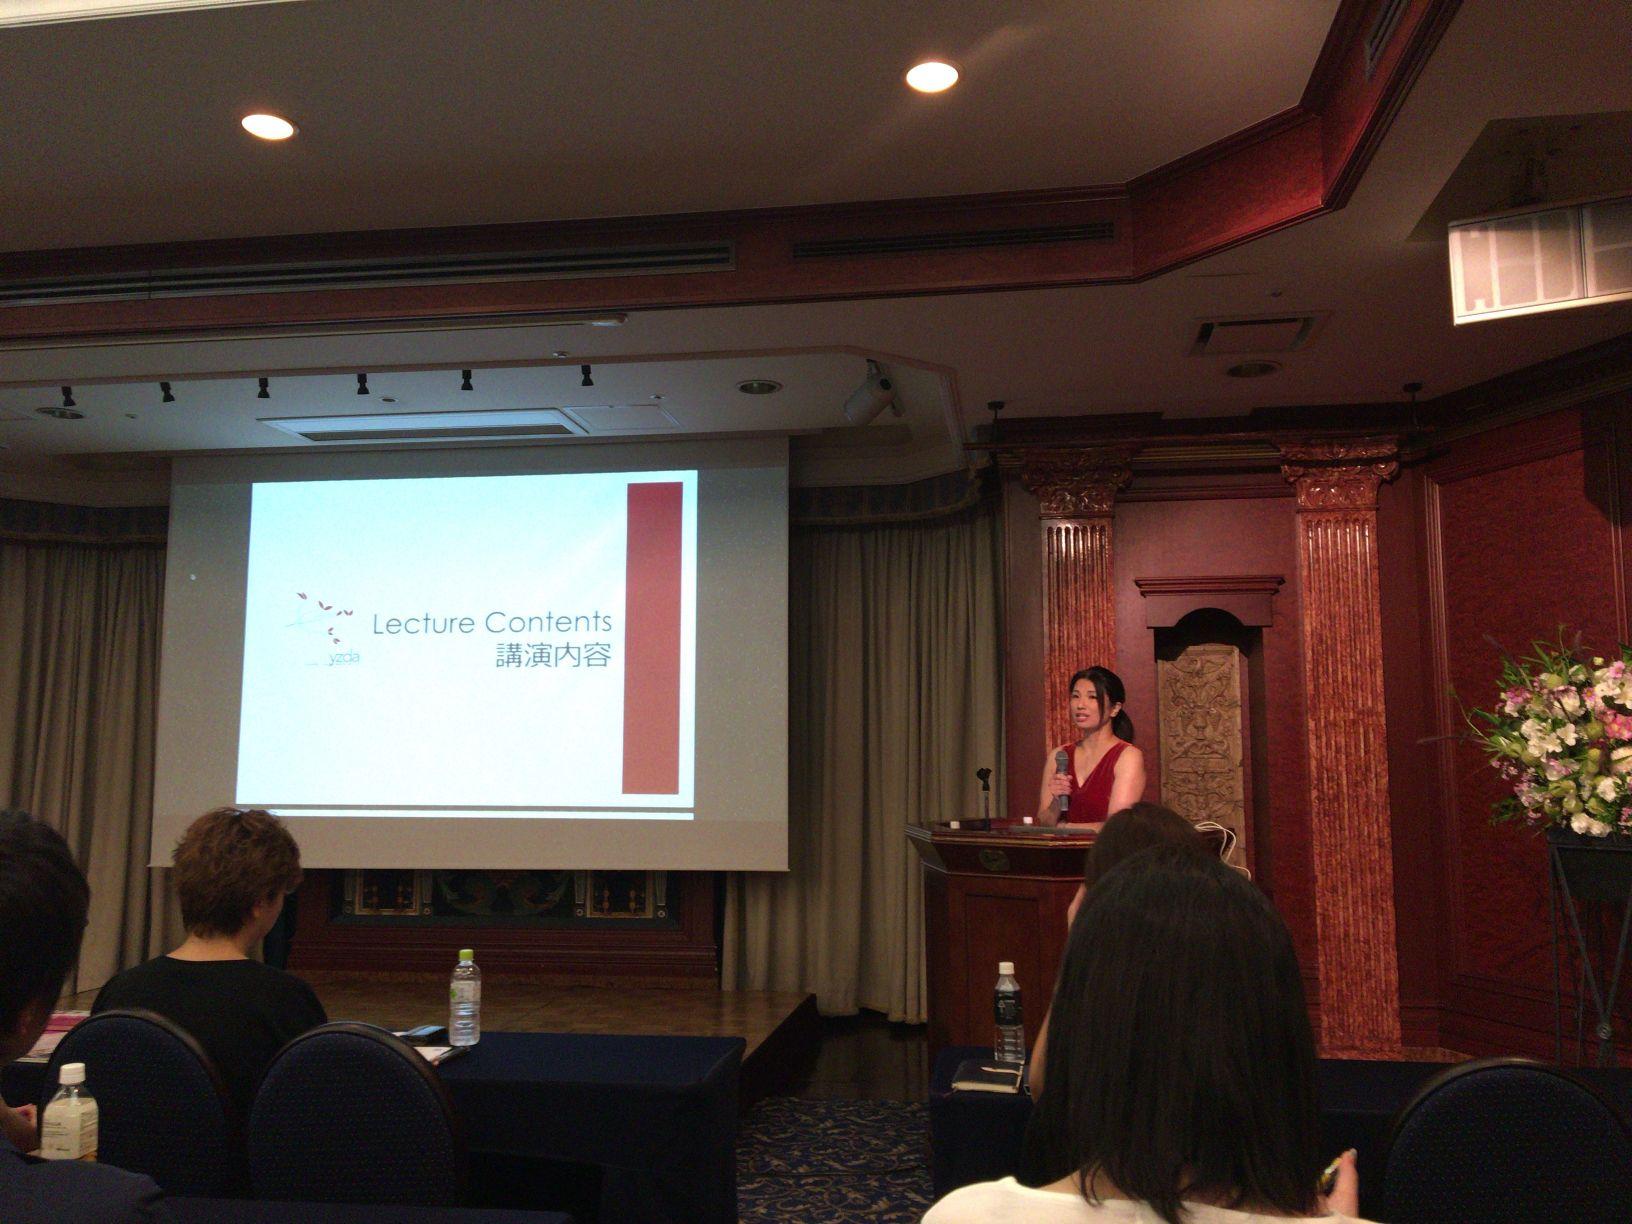 インテリアデザイナー吉田恵美さんの講演に行ってきました